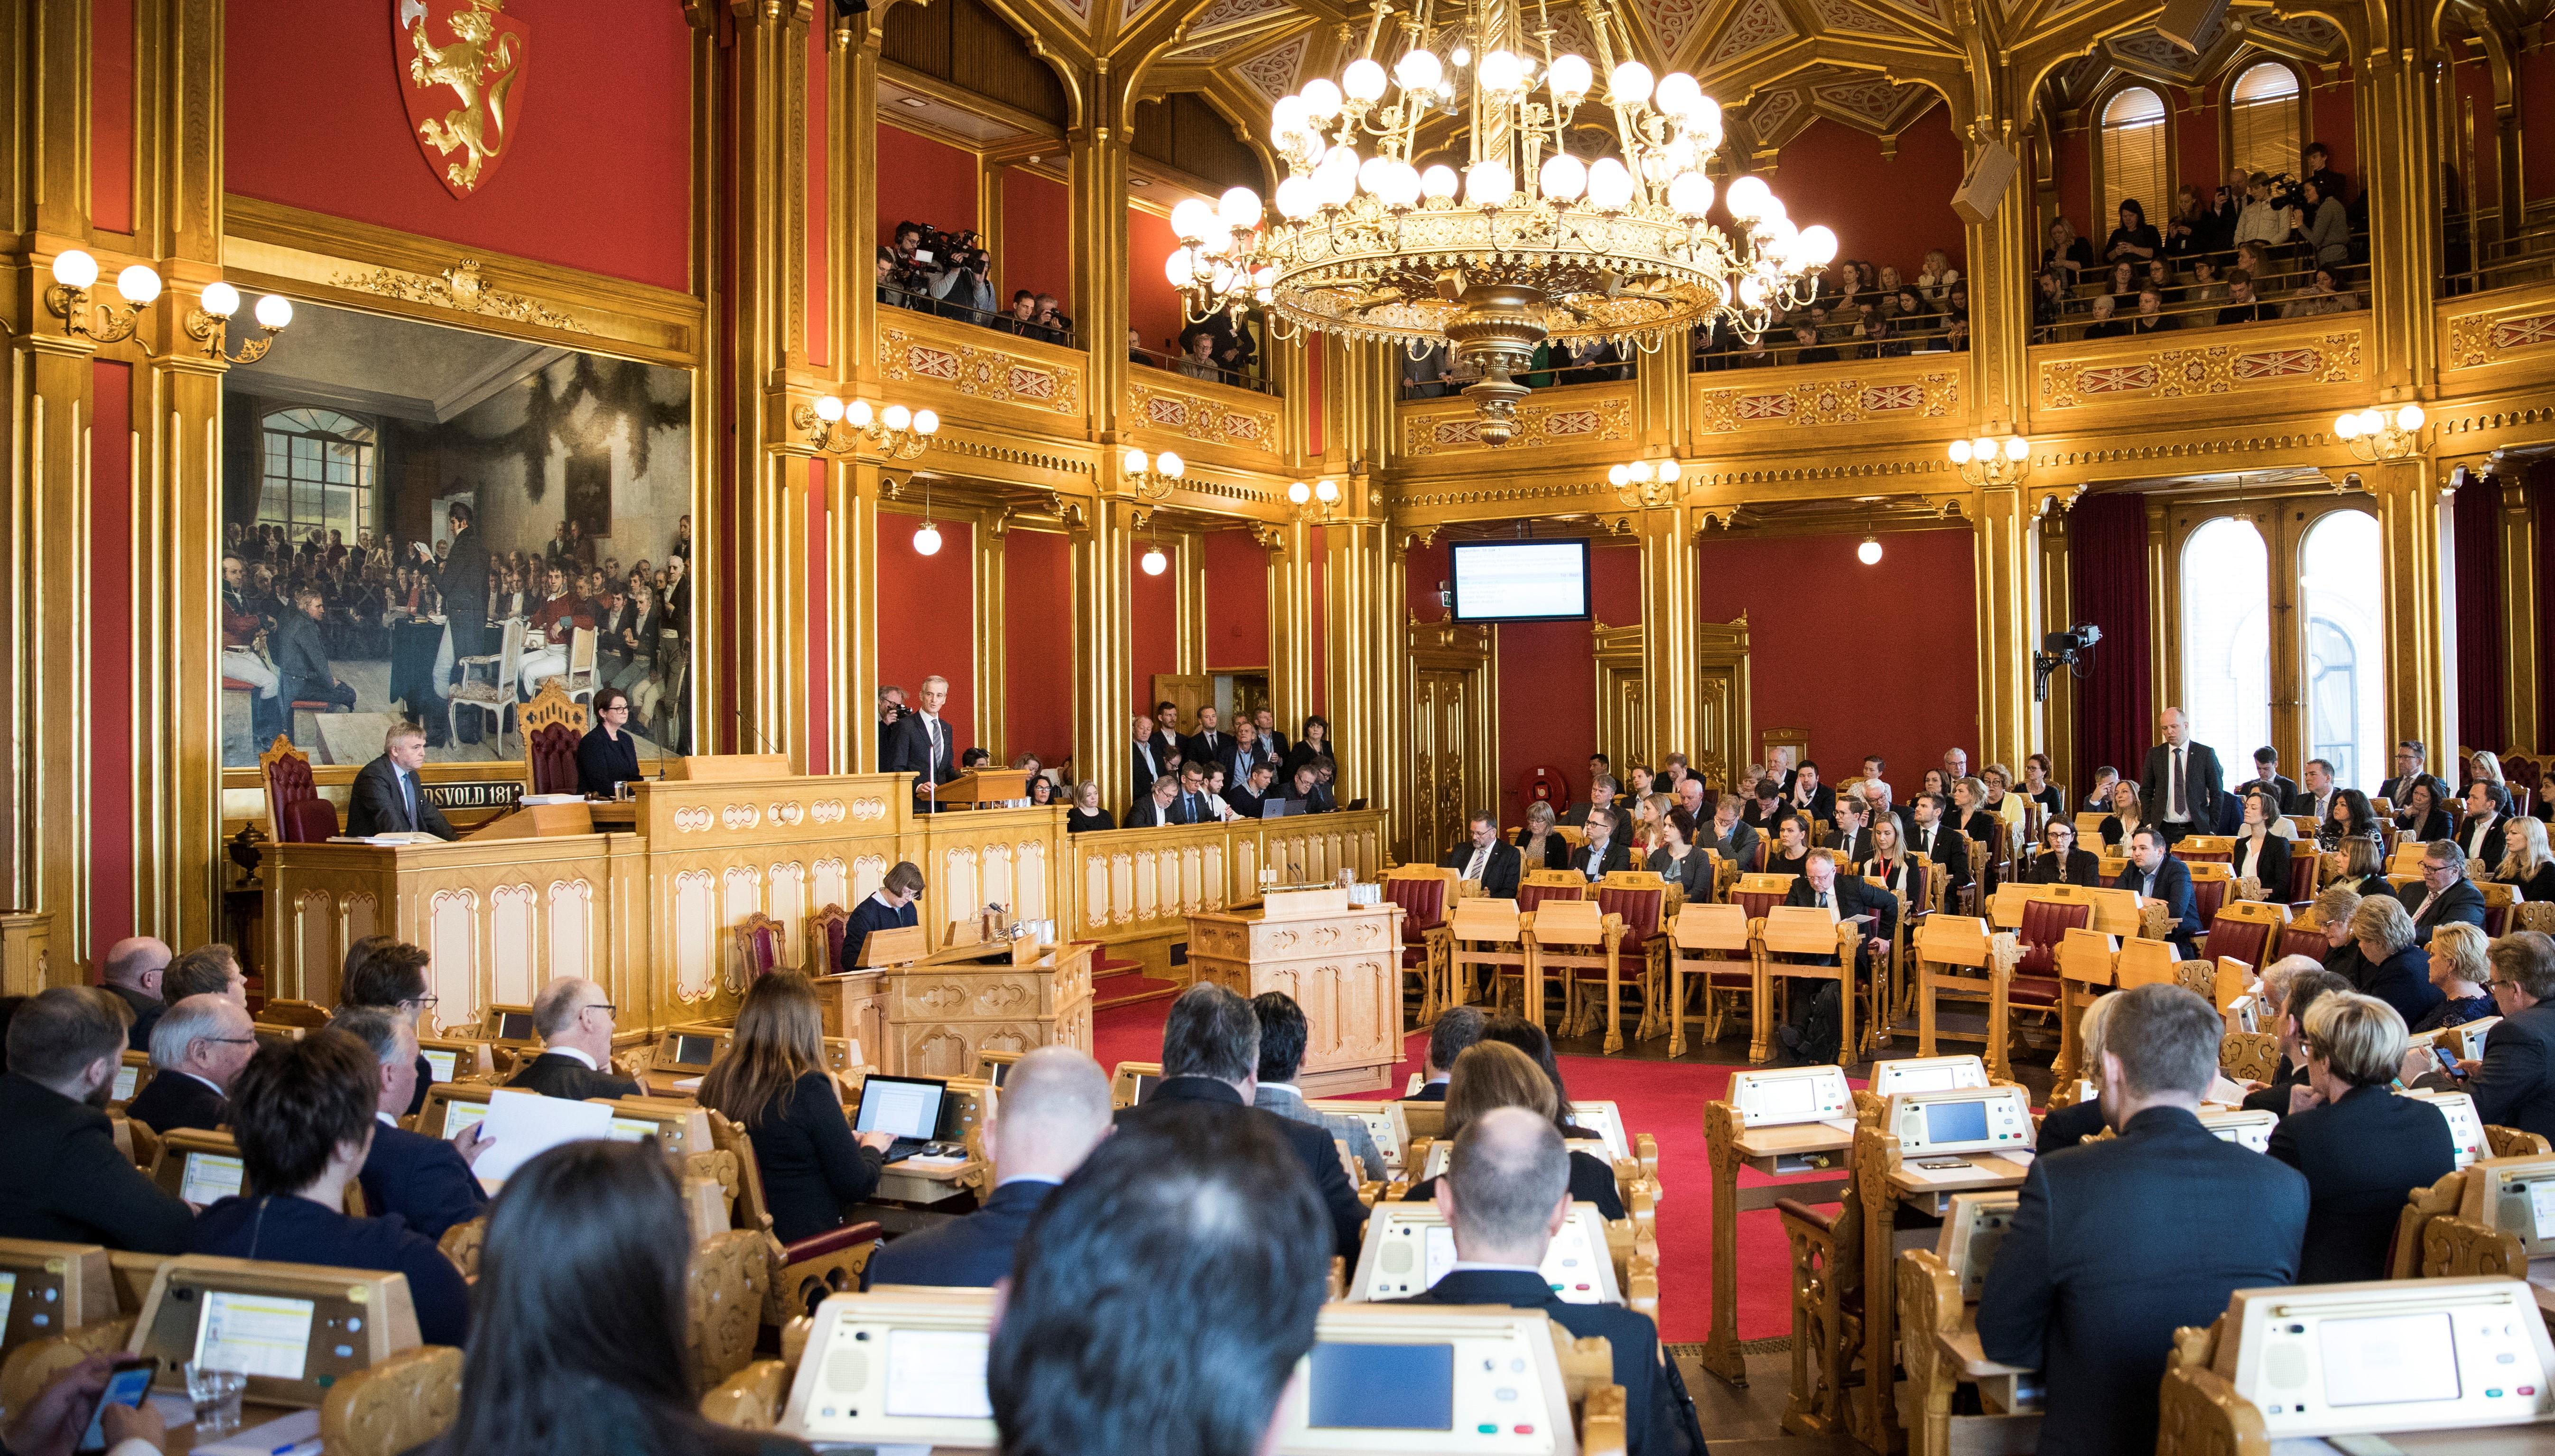 Anbud365: Norge er et lite land – det må vi ta 100% konsekvensen av